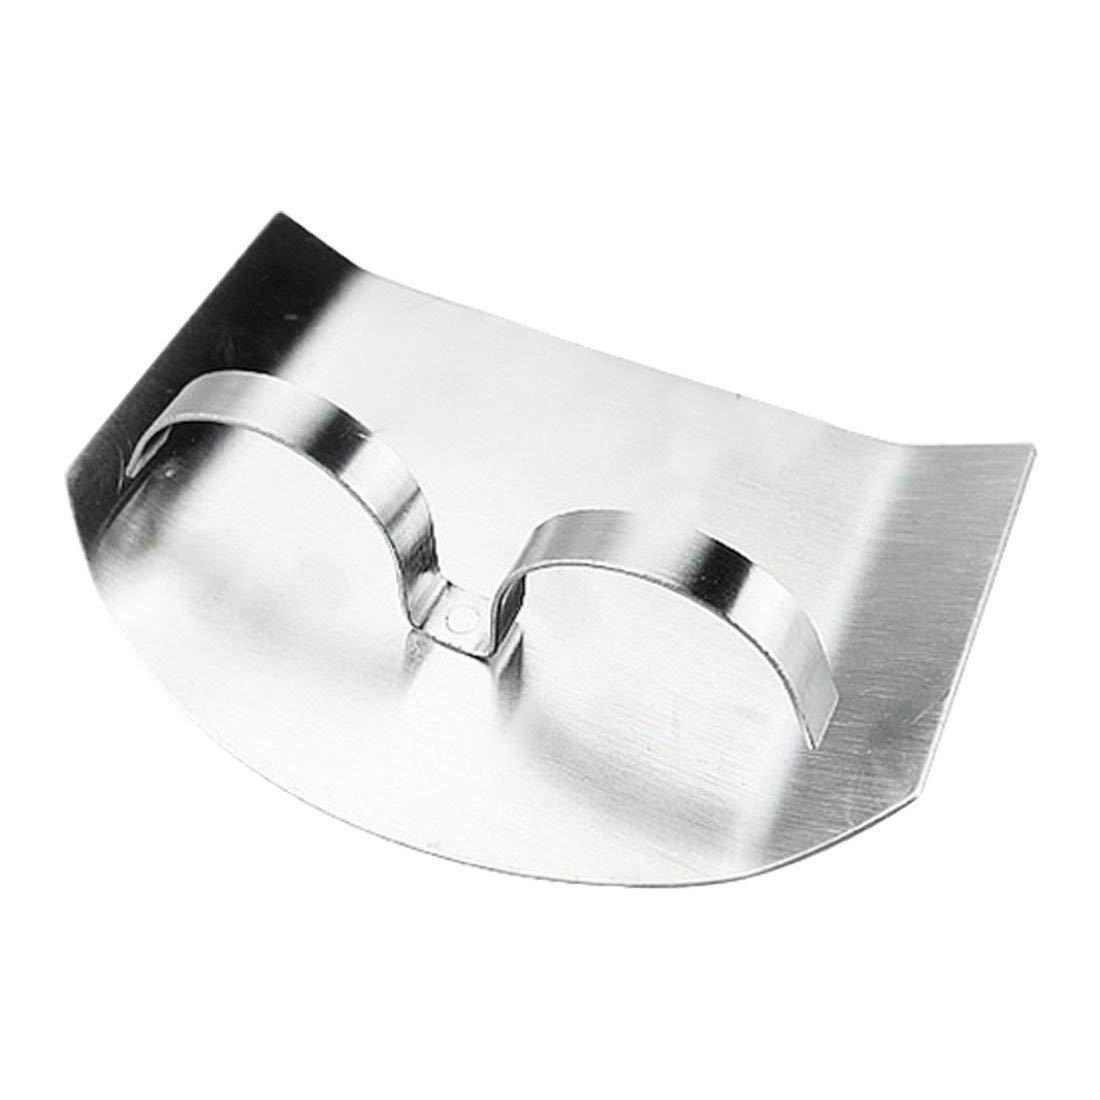 VENTA CALIENTE del dedo del acero inoxidable del protector de seguro de la rebanada Accesorios de cocina utensilios de cocina